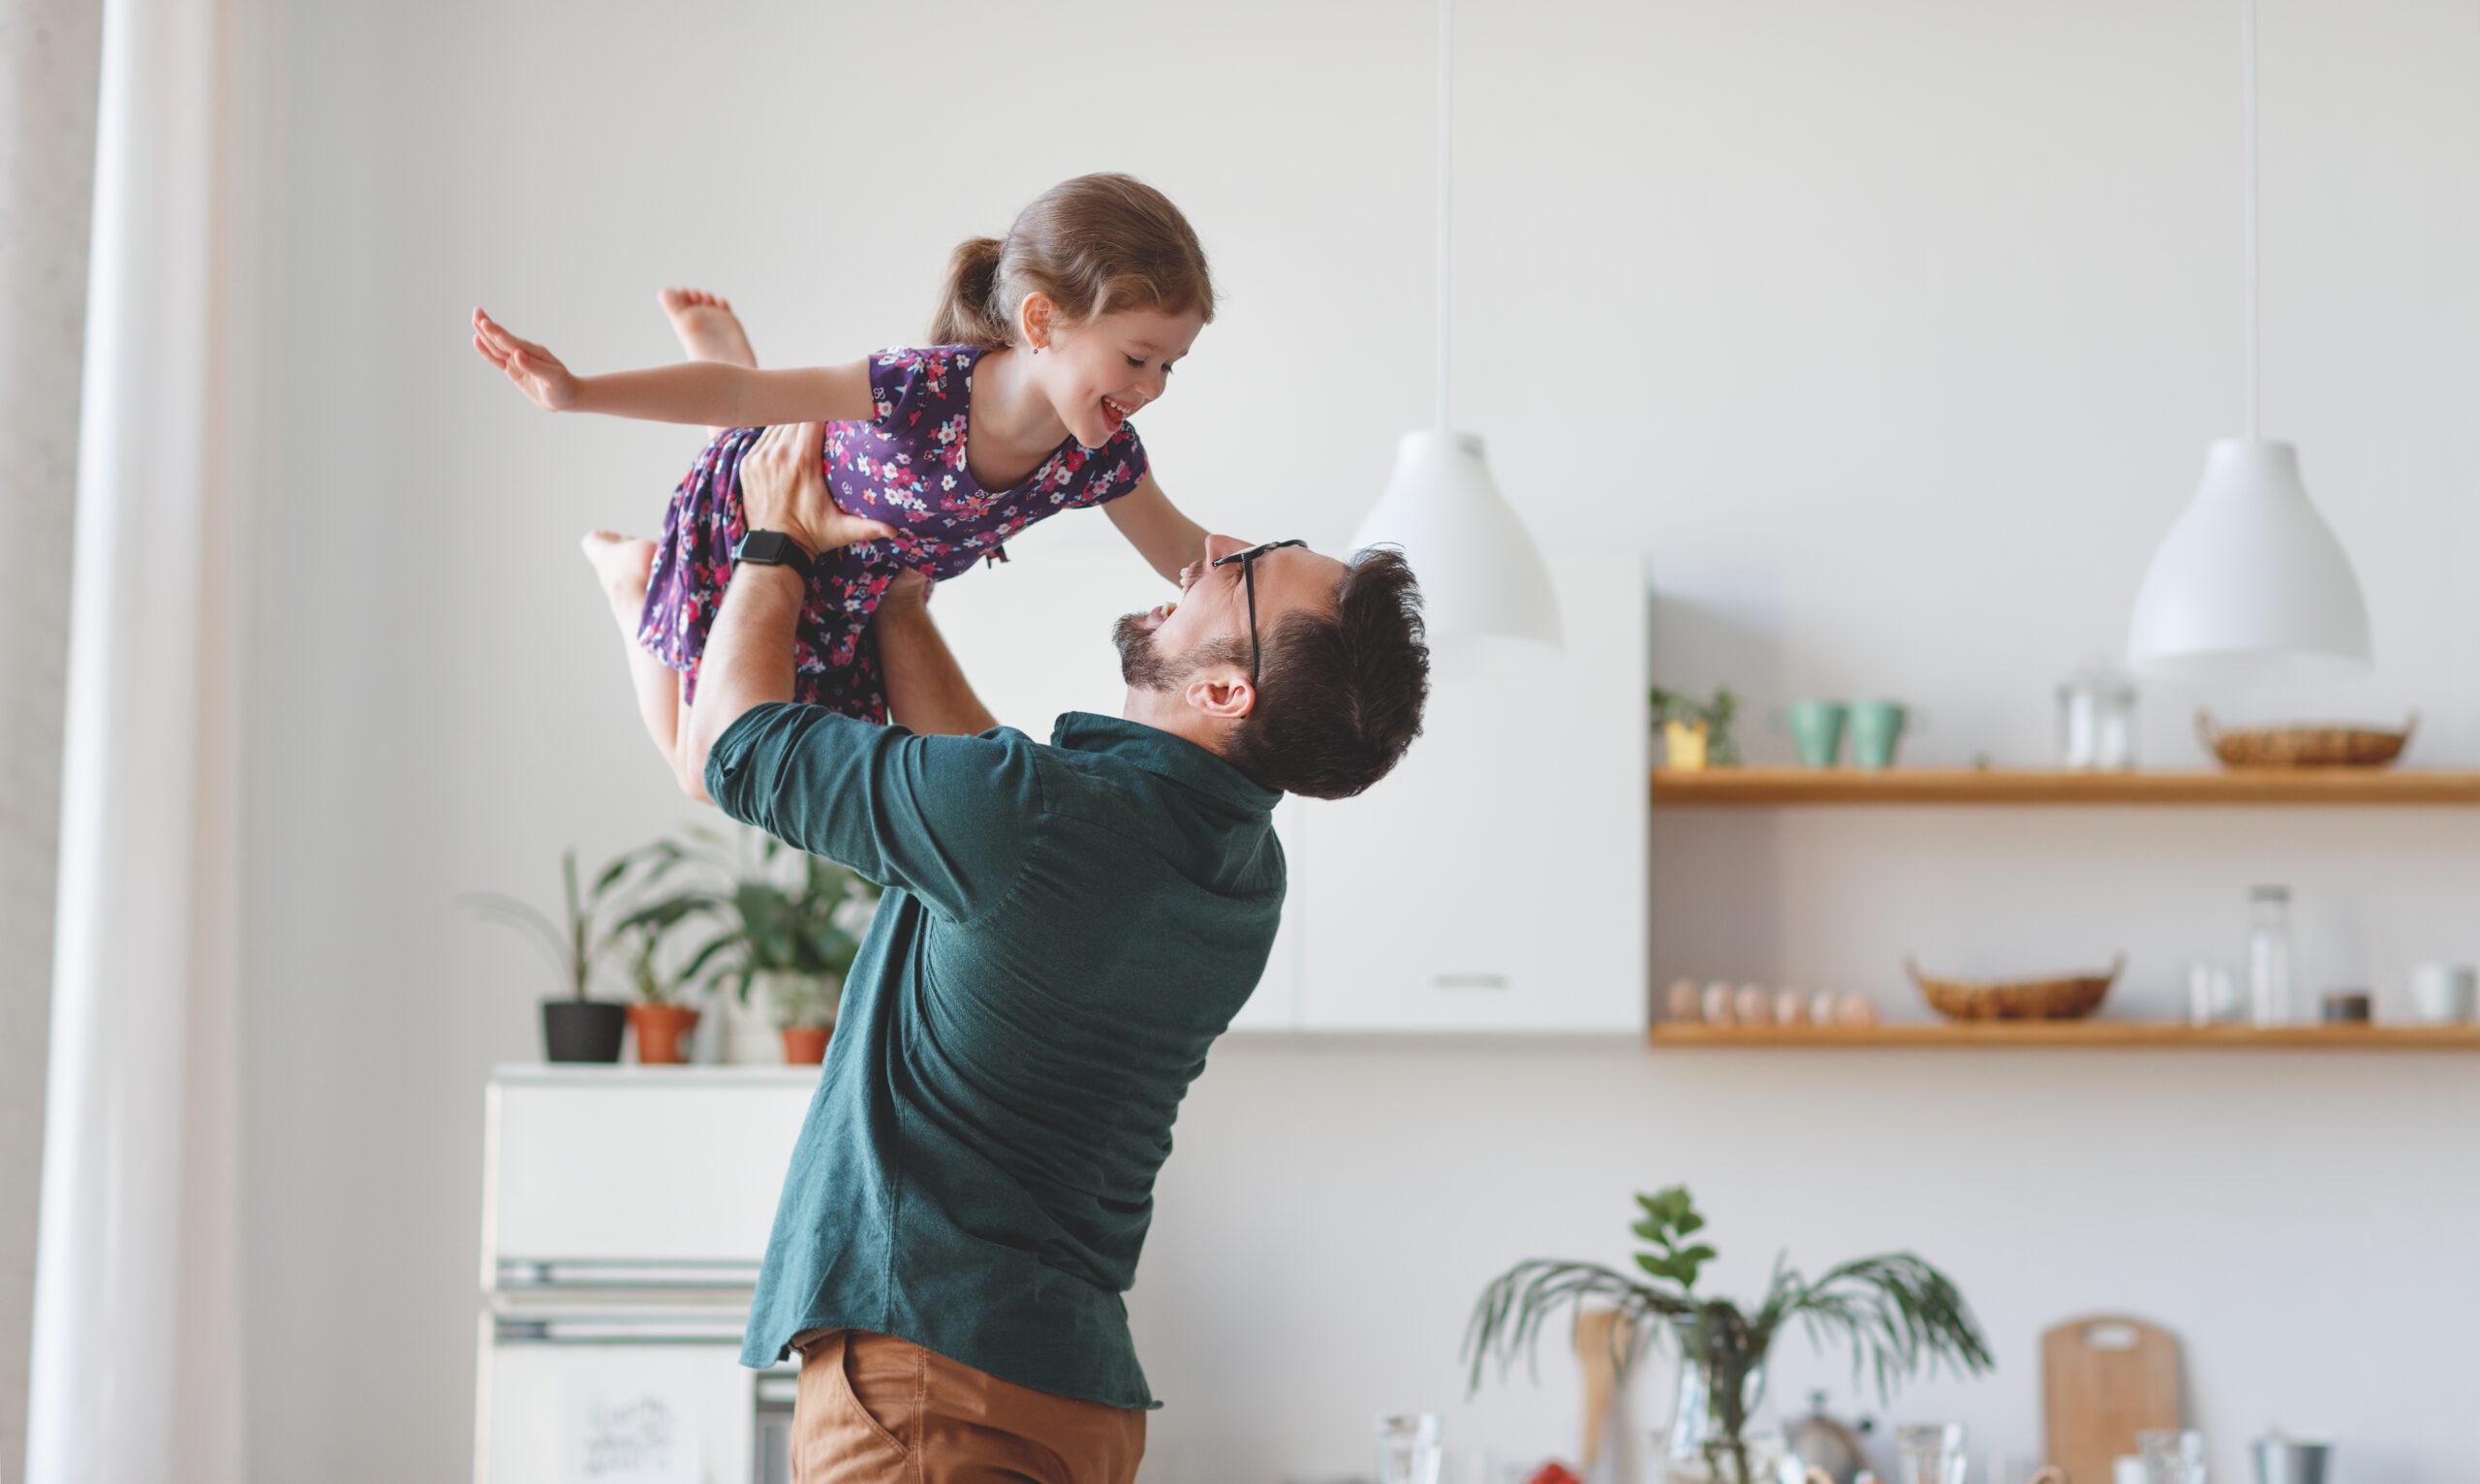 Comment stopper 10 ans de politique défavorable aux familles ? Publication de l'étude inédite Unaf-OFCE.